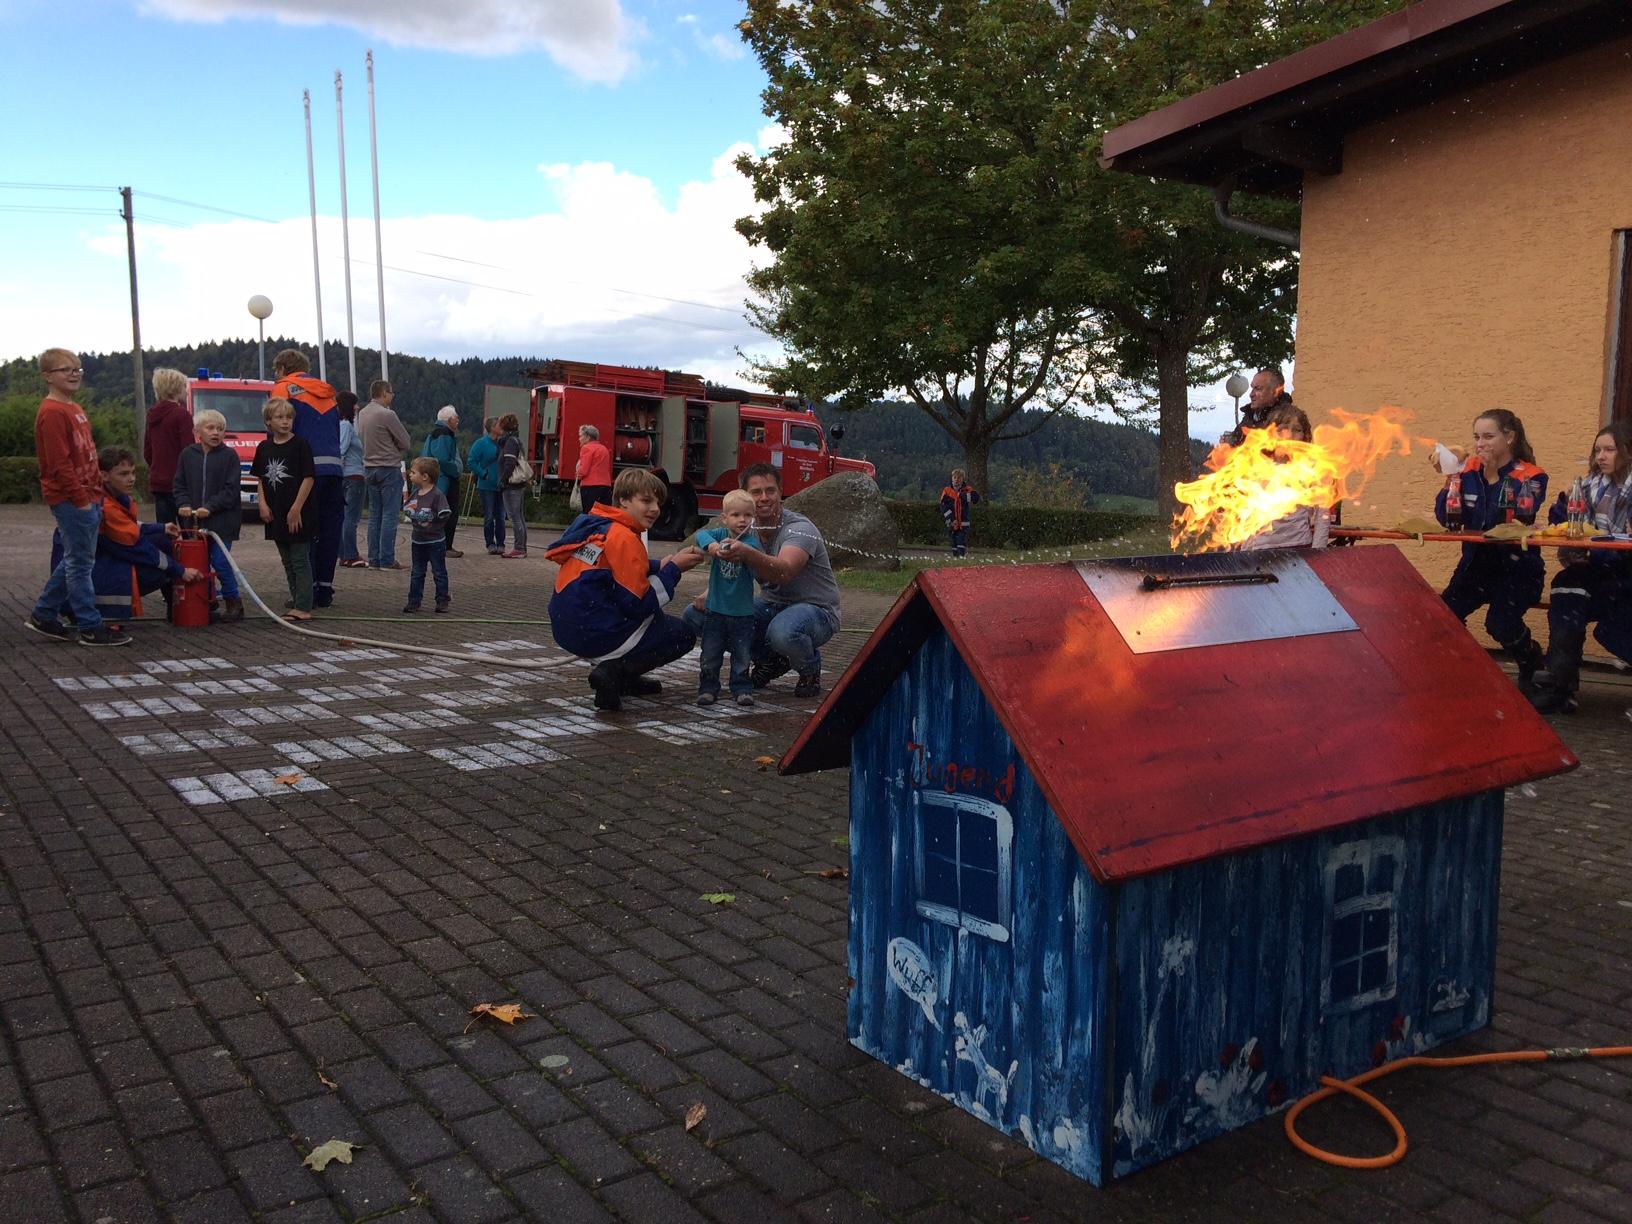 TdoT Rippenweier 2016